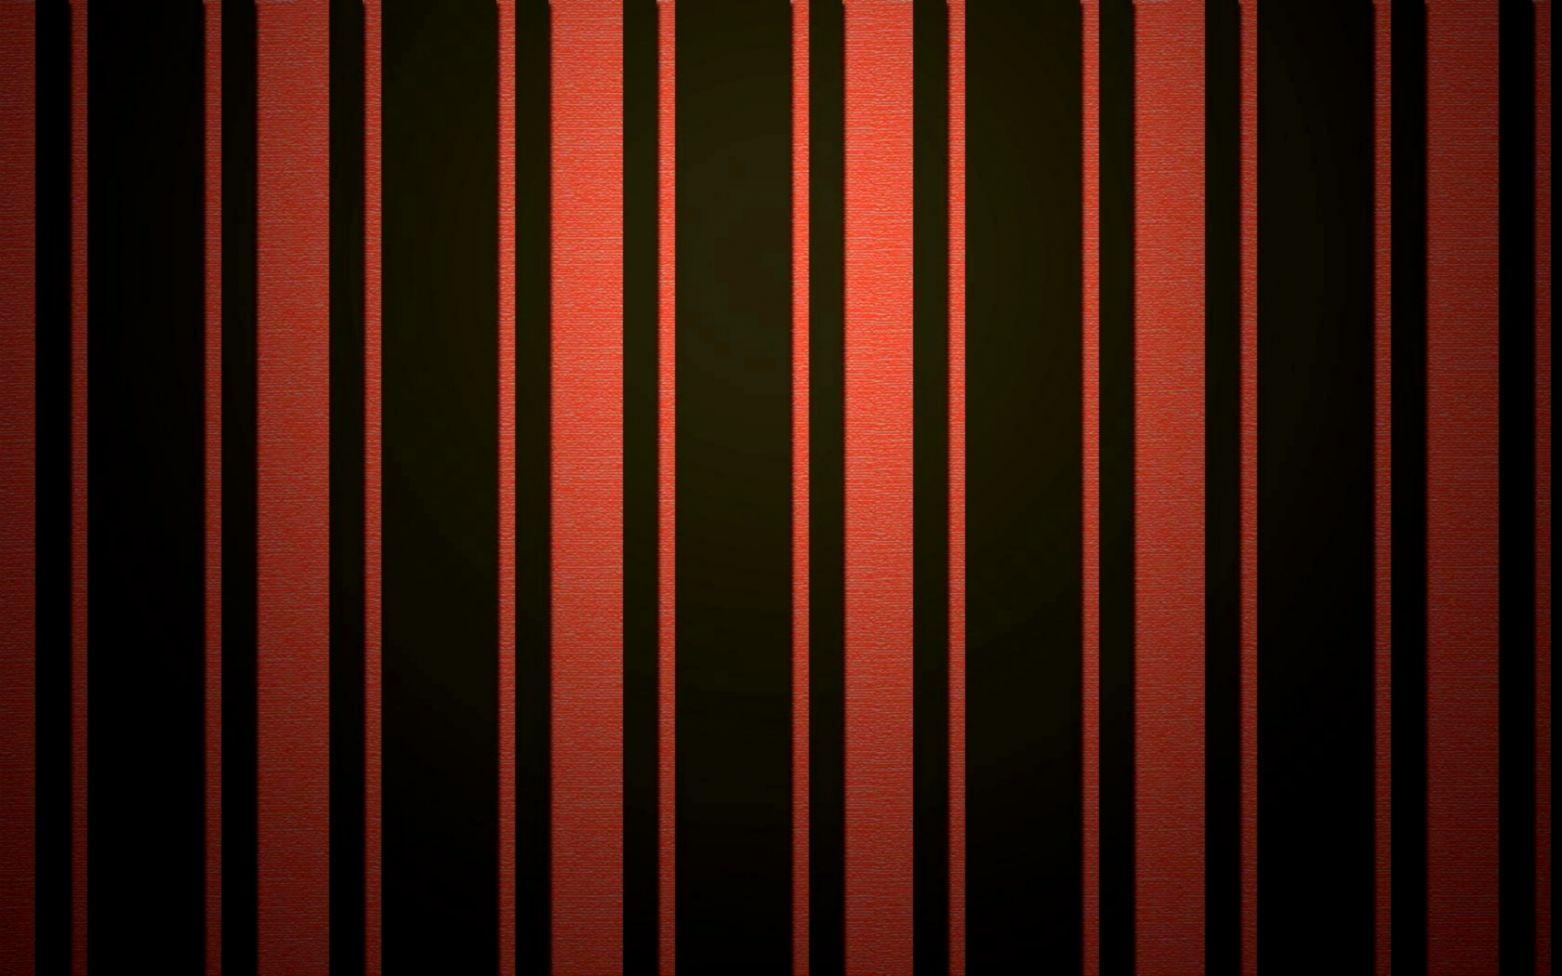 Lines Abstract Wallpaper Hd Wallpapers Desktop